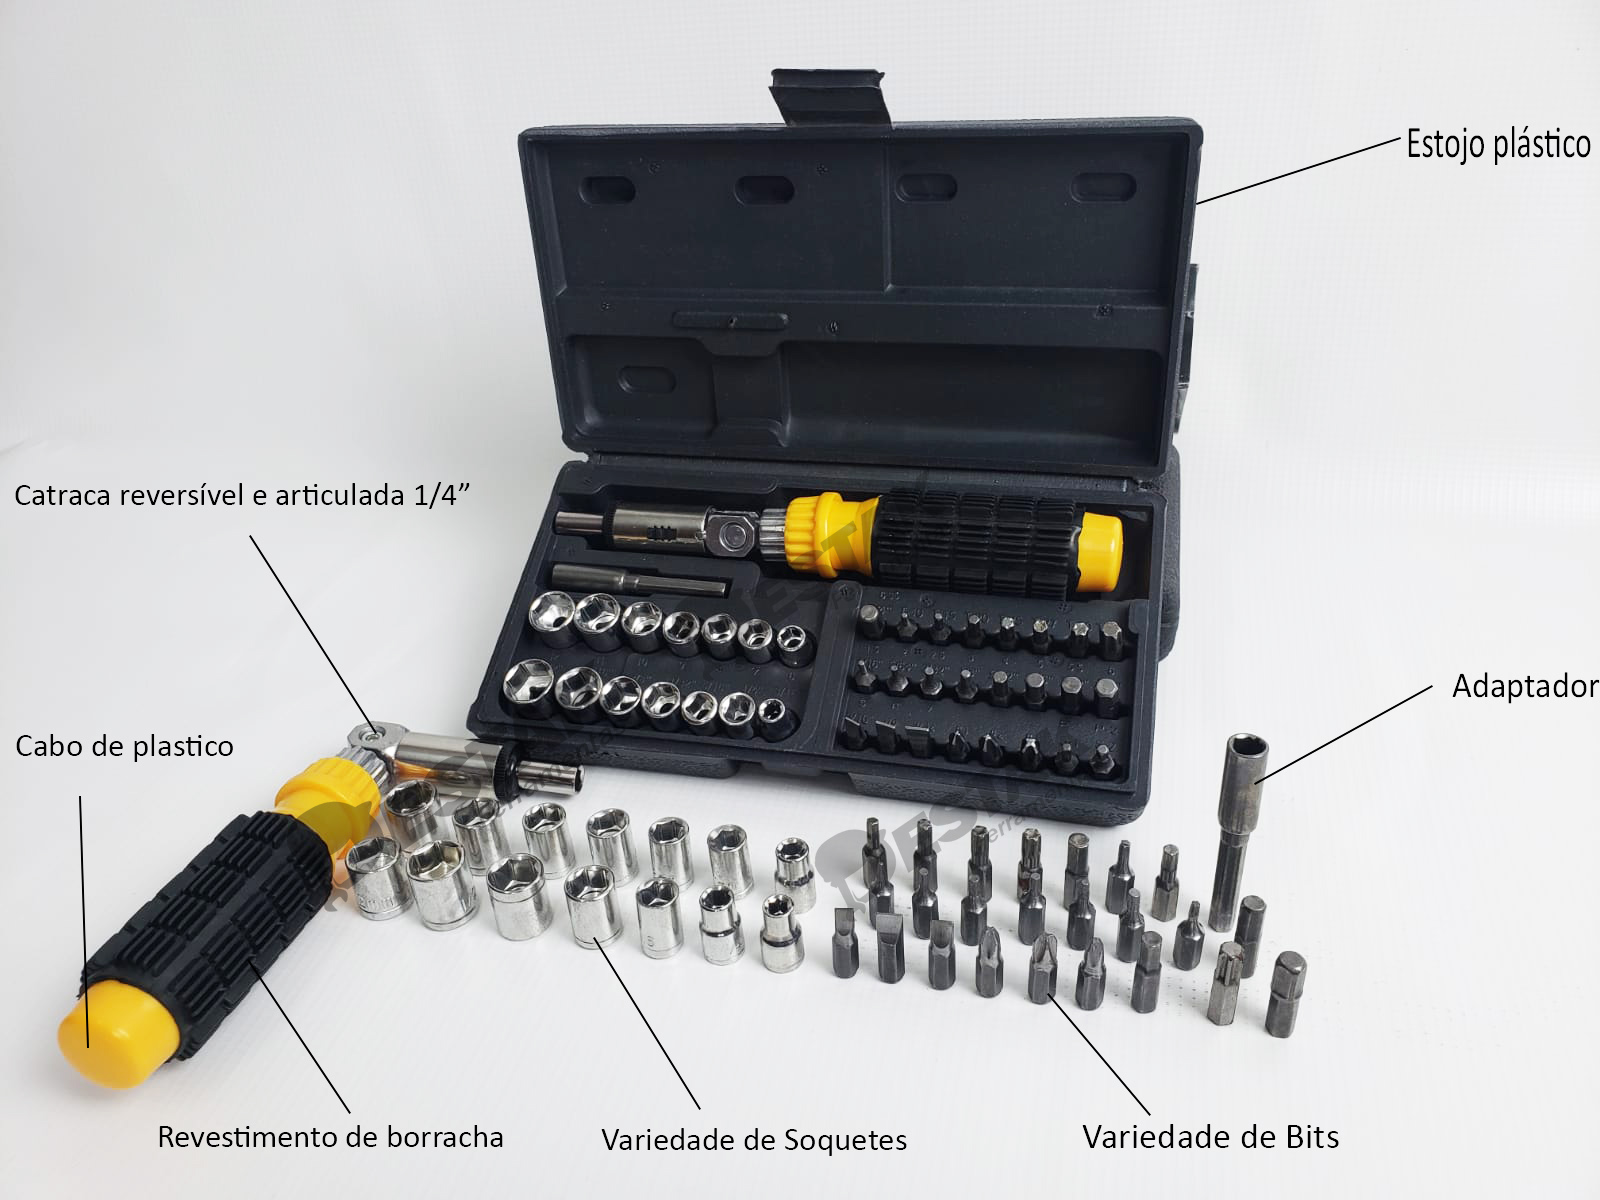 Furadeira Elétrica Impacto 500w Forte + Kit Ferramentas 80pç 127v